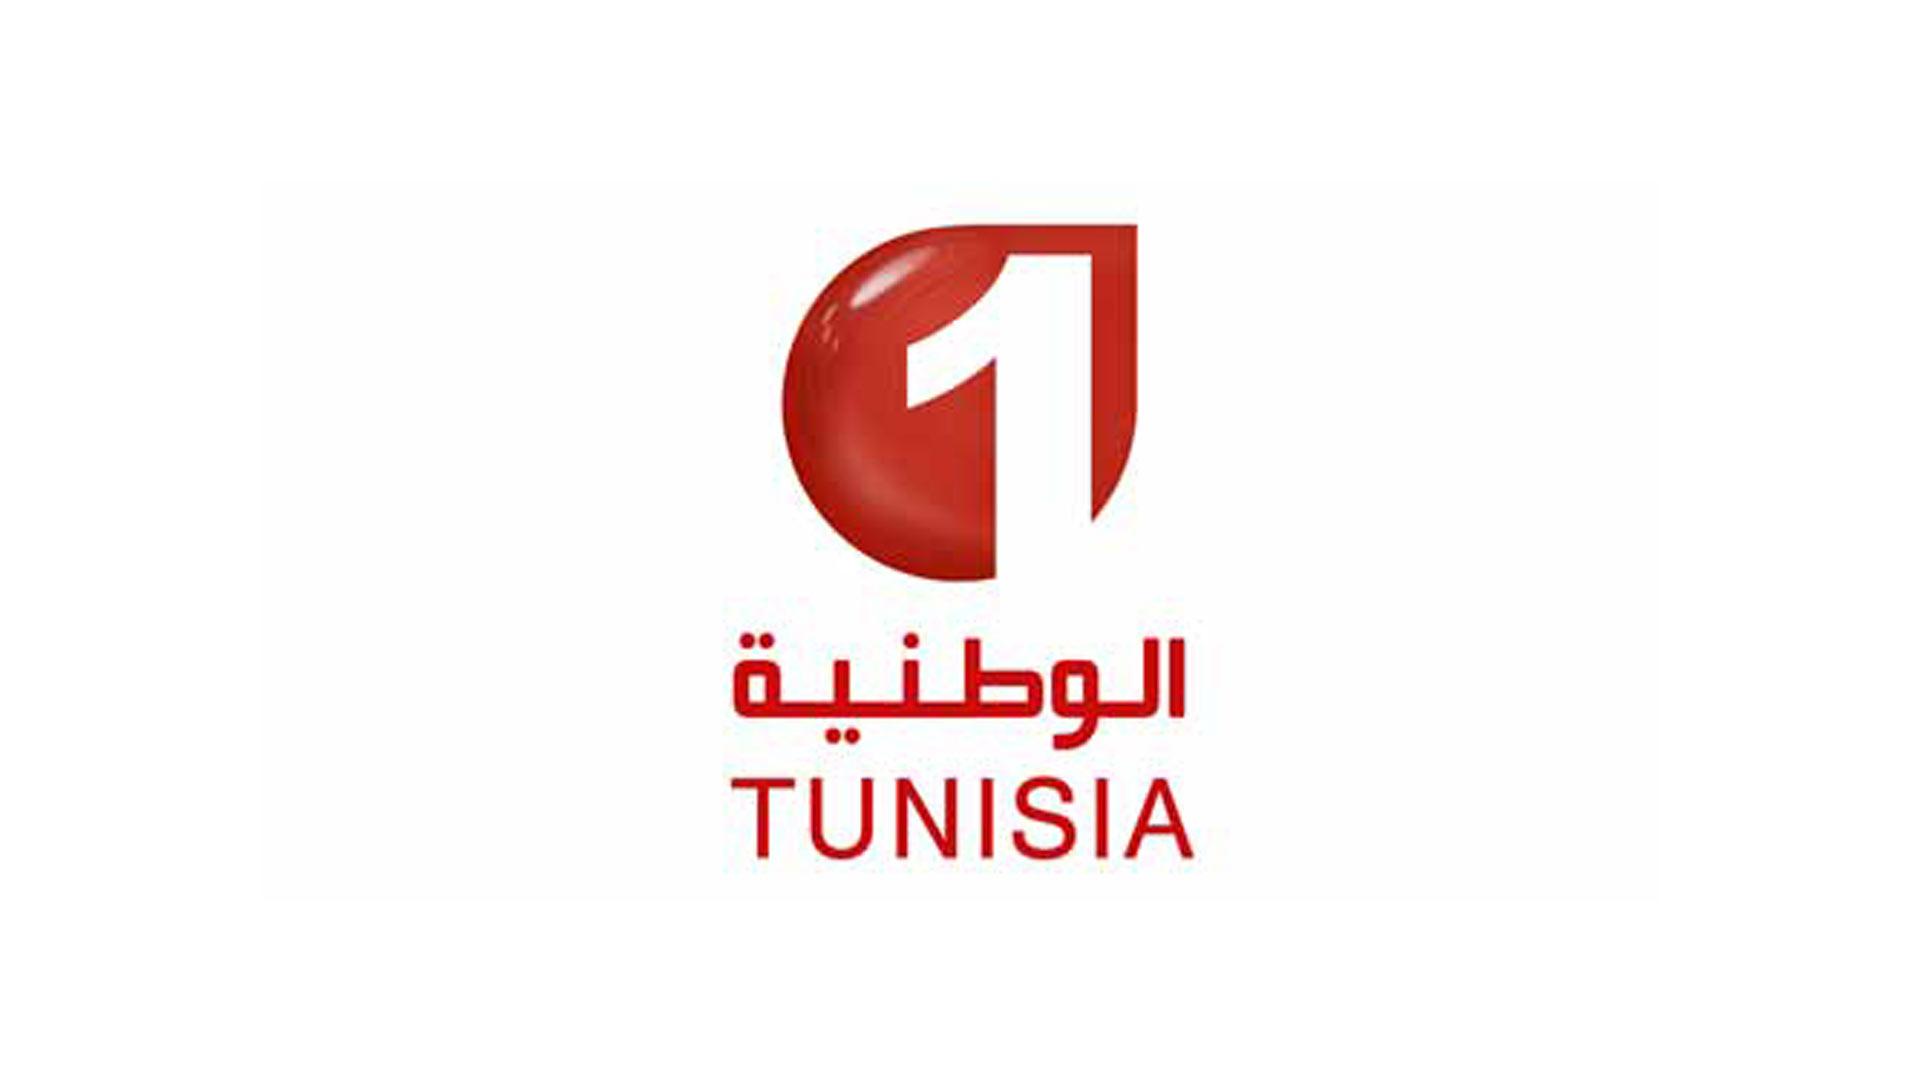 Tunis : Al Wataniya 1-2 ( Médias, TVs, Radios.. )